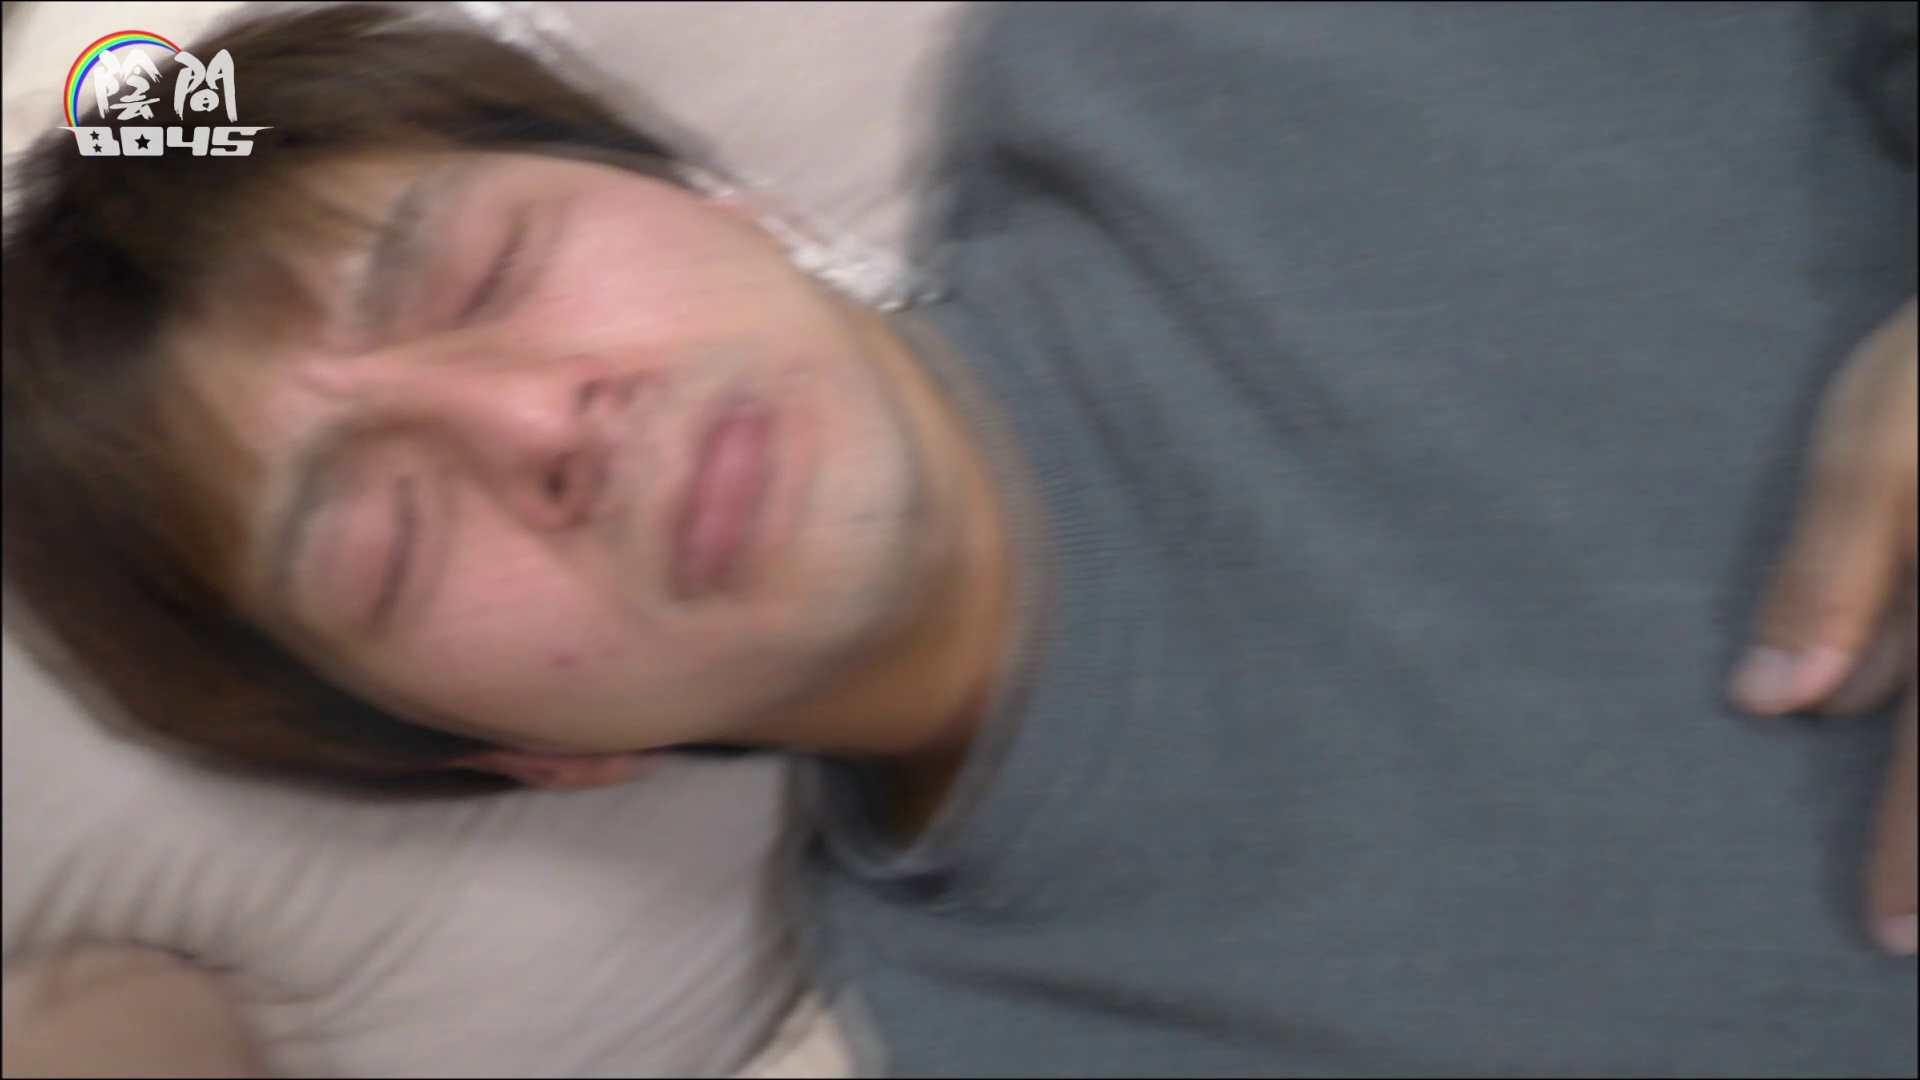 アナルは決して眠らない No.05 着替え覗き ゲイセックス画像 82pic 20